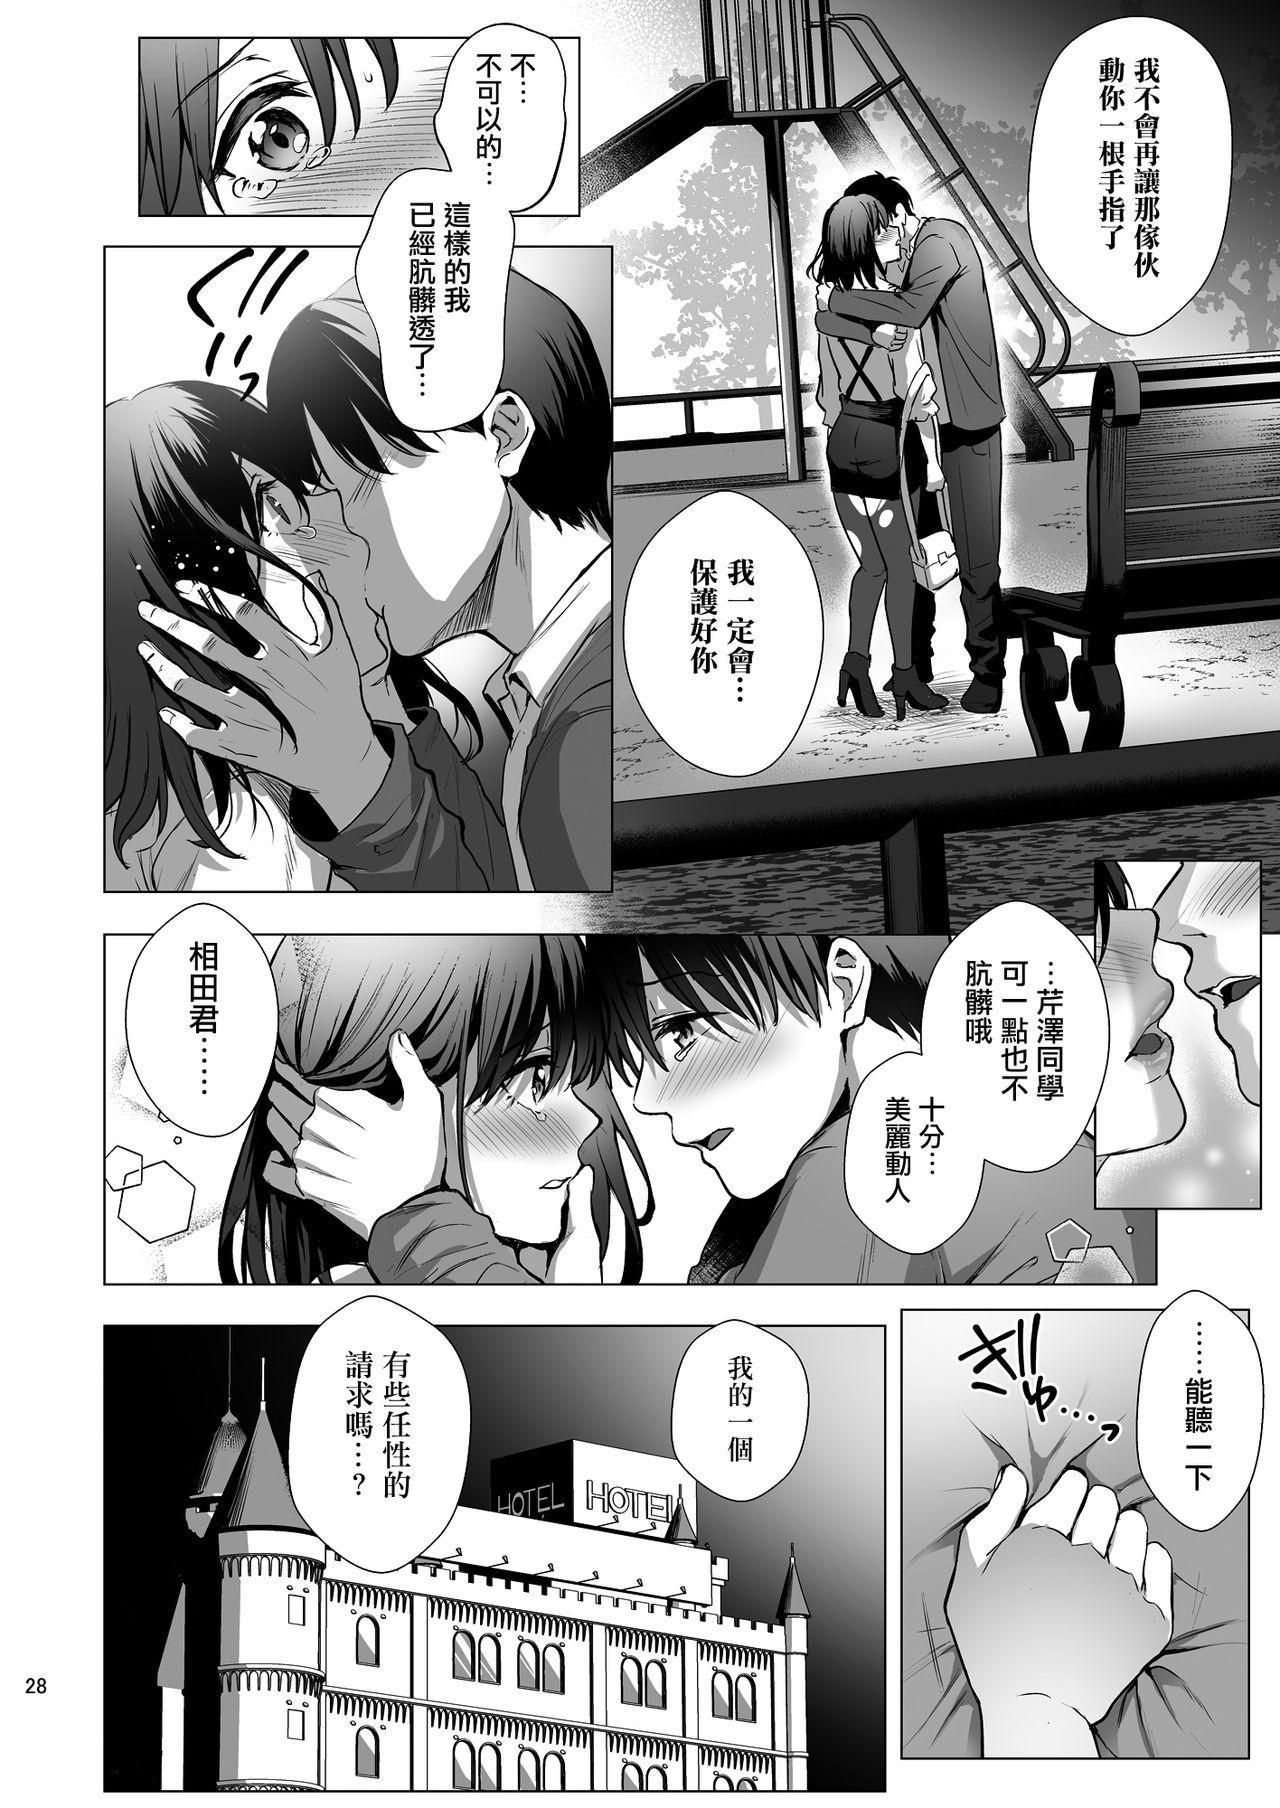 Toshoshitsu no Kanojo 3 28